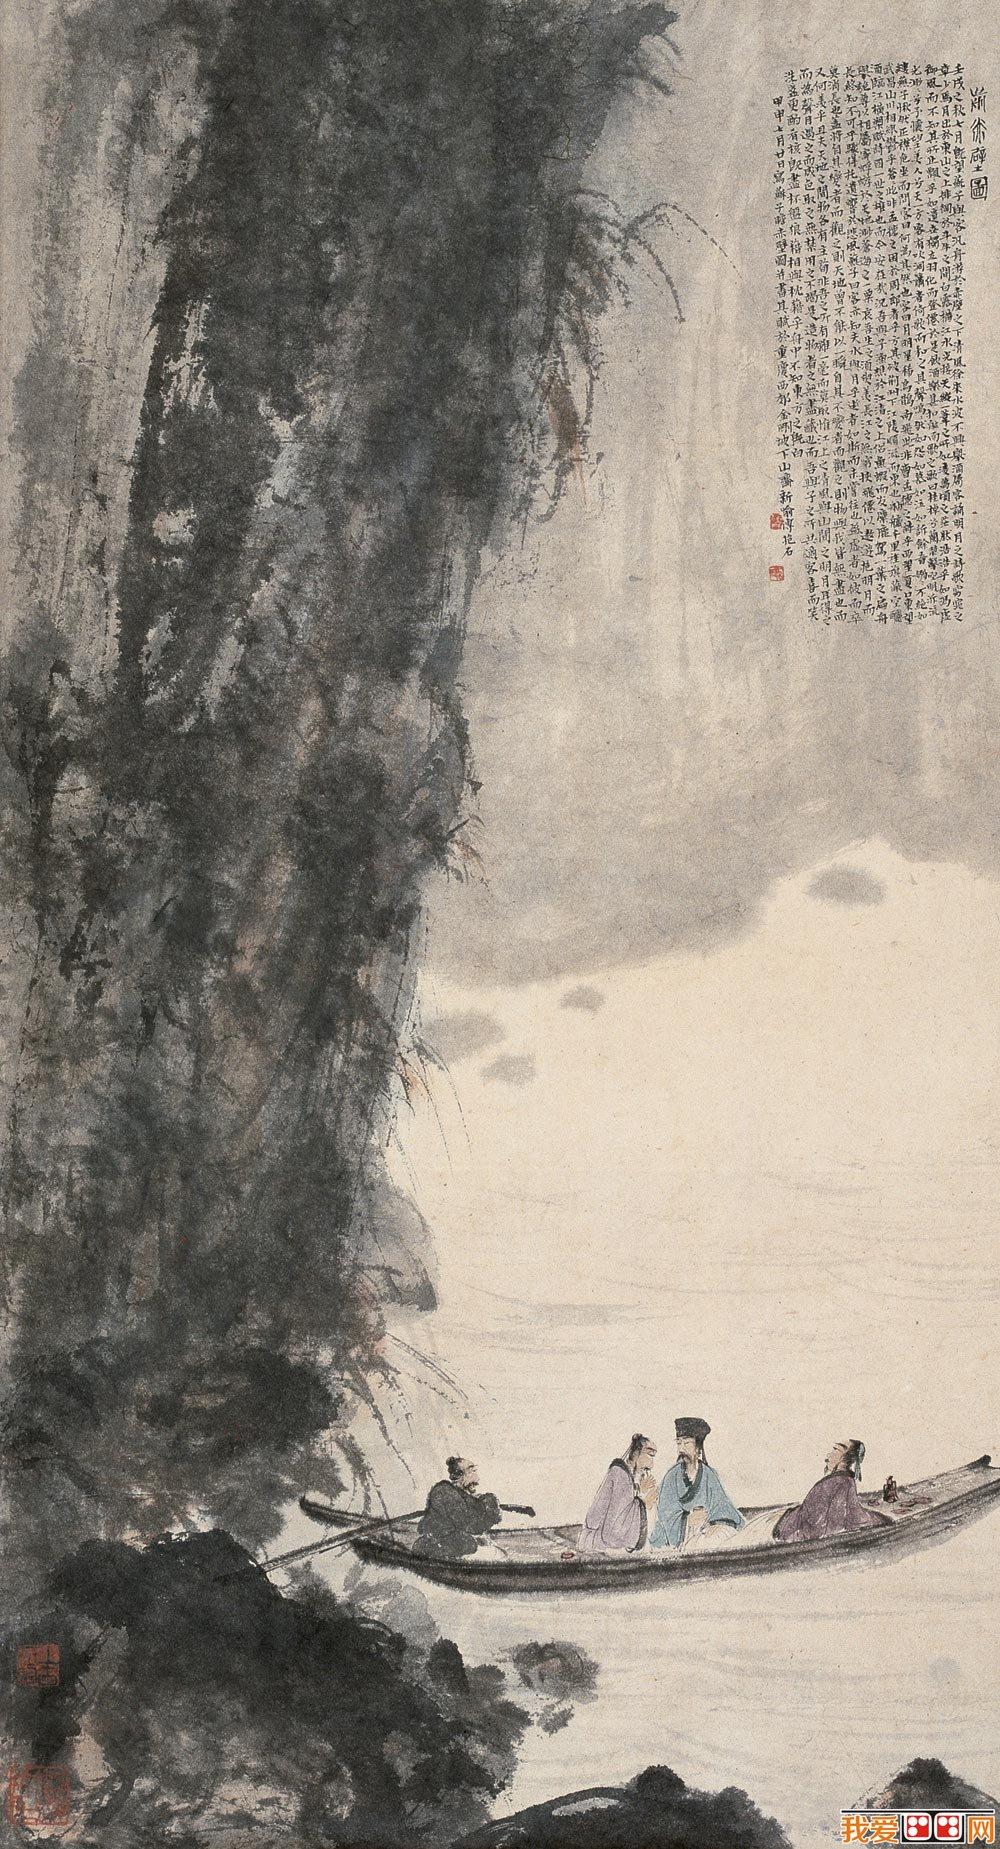 中国现代画家傅抱石山水画作品欣赏 6